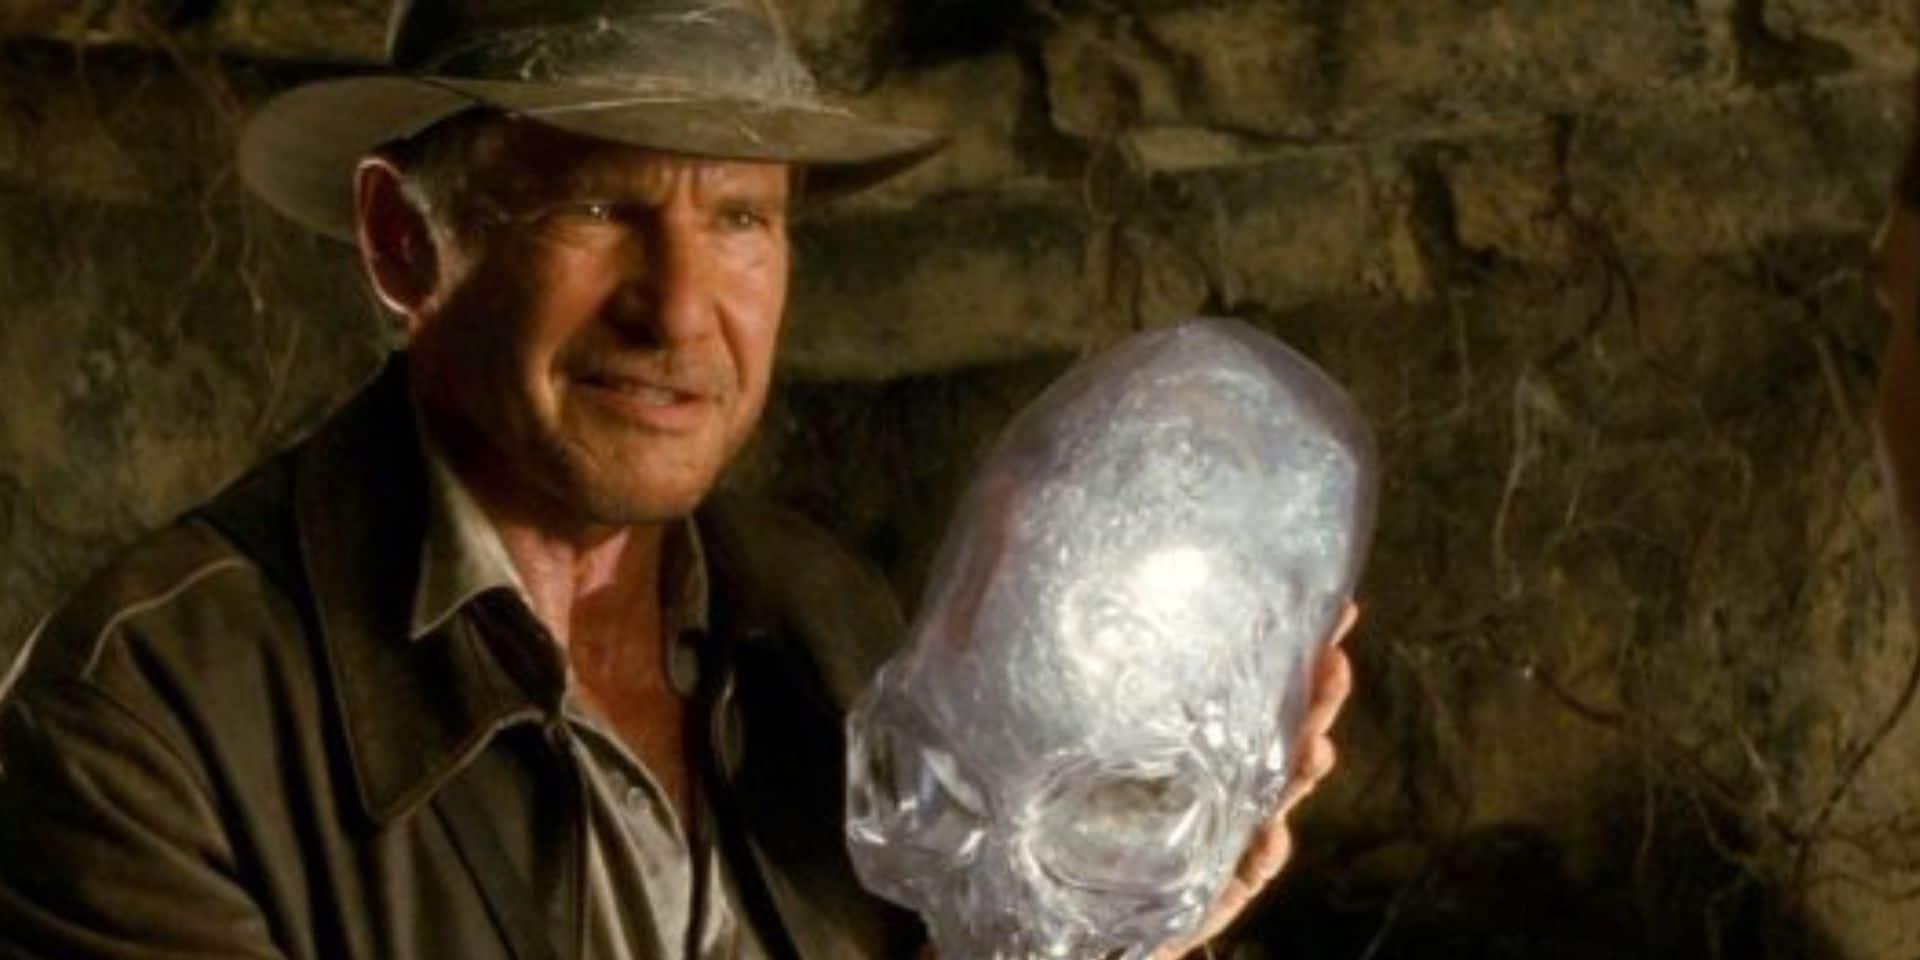 """Pas question de remplacer Harrison Ford, même à 80 ans: """"Il n'y a qu'un seul Indiana Jones """""""